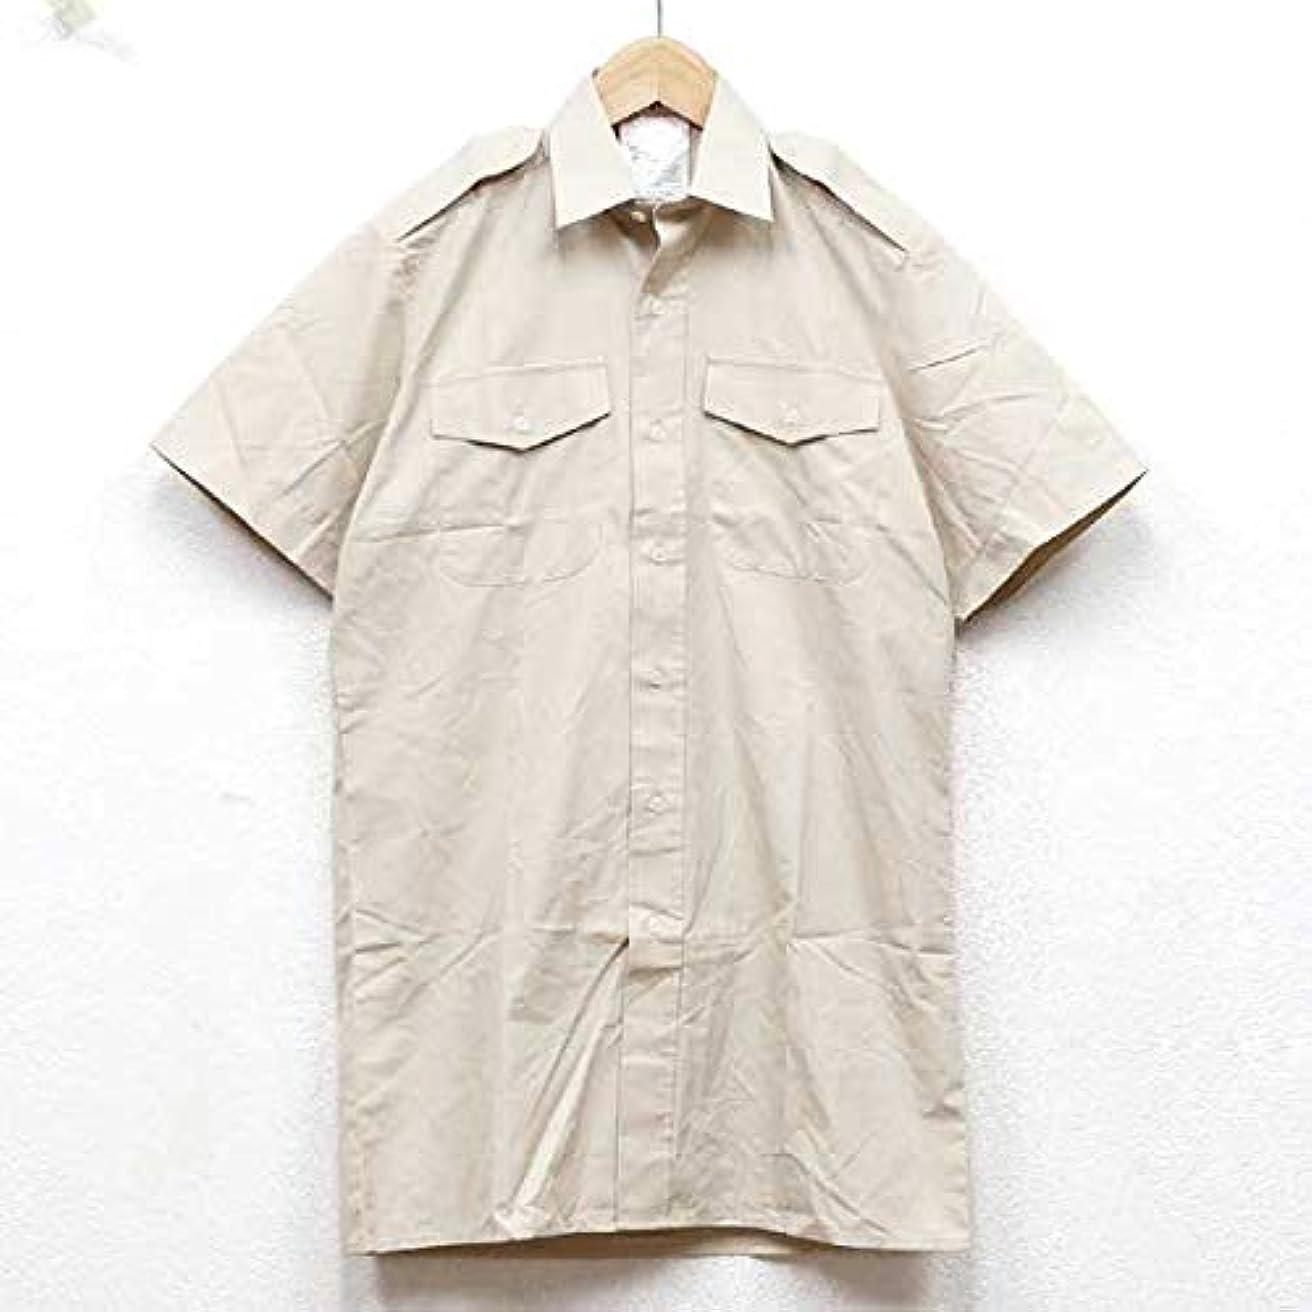 所持咽頭スタイルノーブランド品 実物 イギリス軍 ワークシャツ カーキ